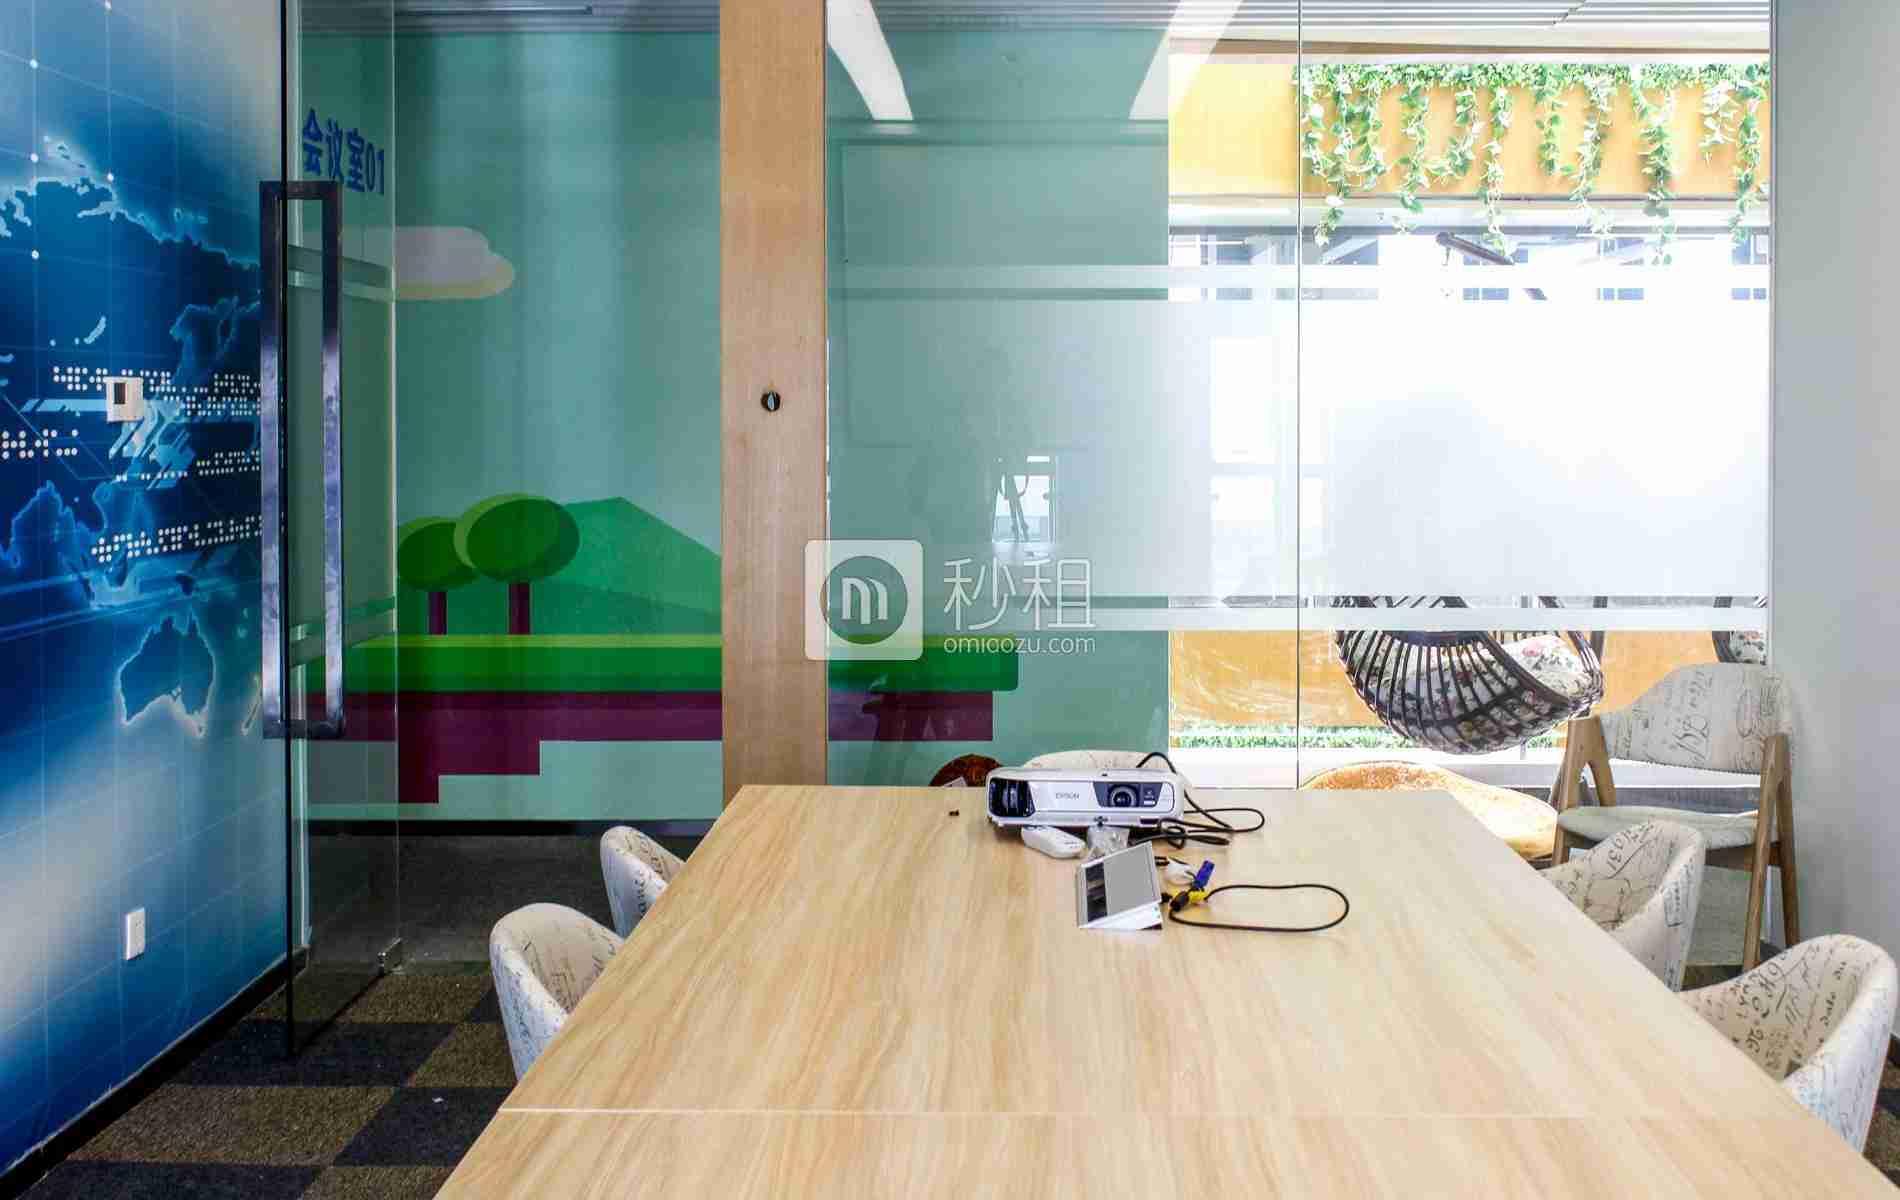 腾讯众创空间-软件产业基地写字楼出租/招租/租赁,腾讯众创空间-软件产业基地办公室出租/招租/租赁